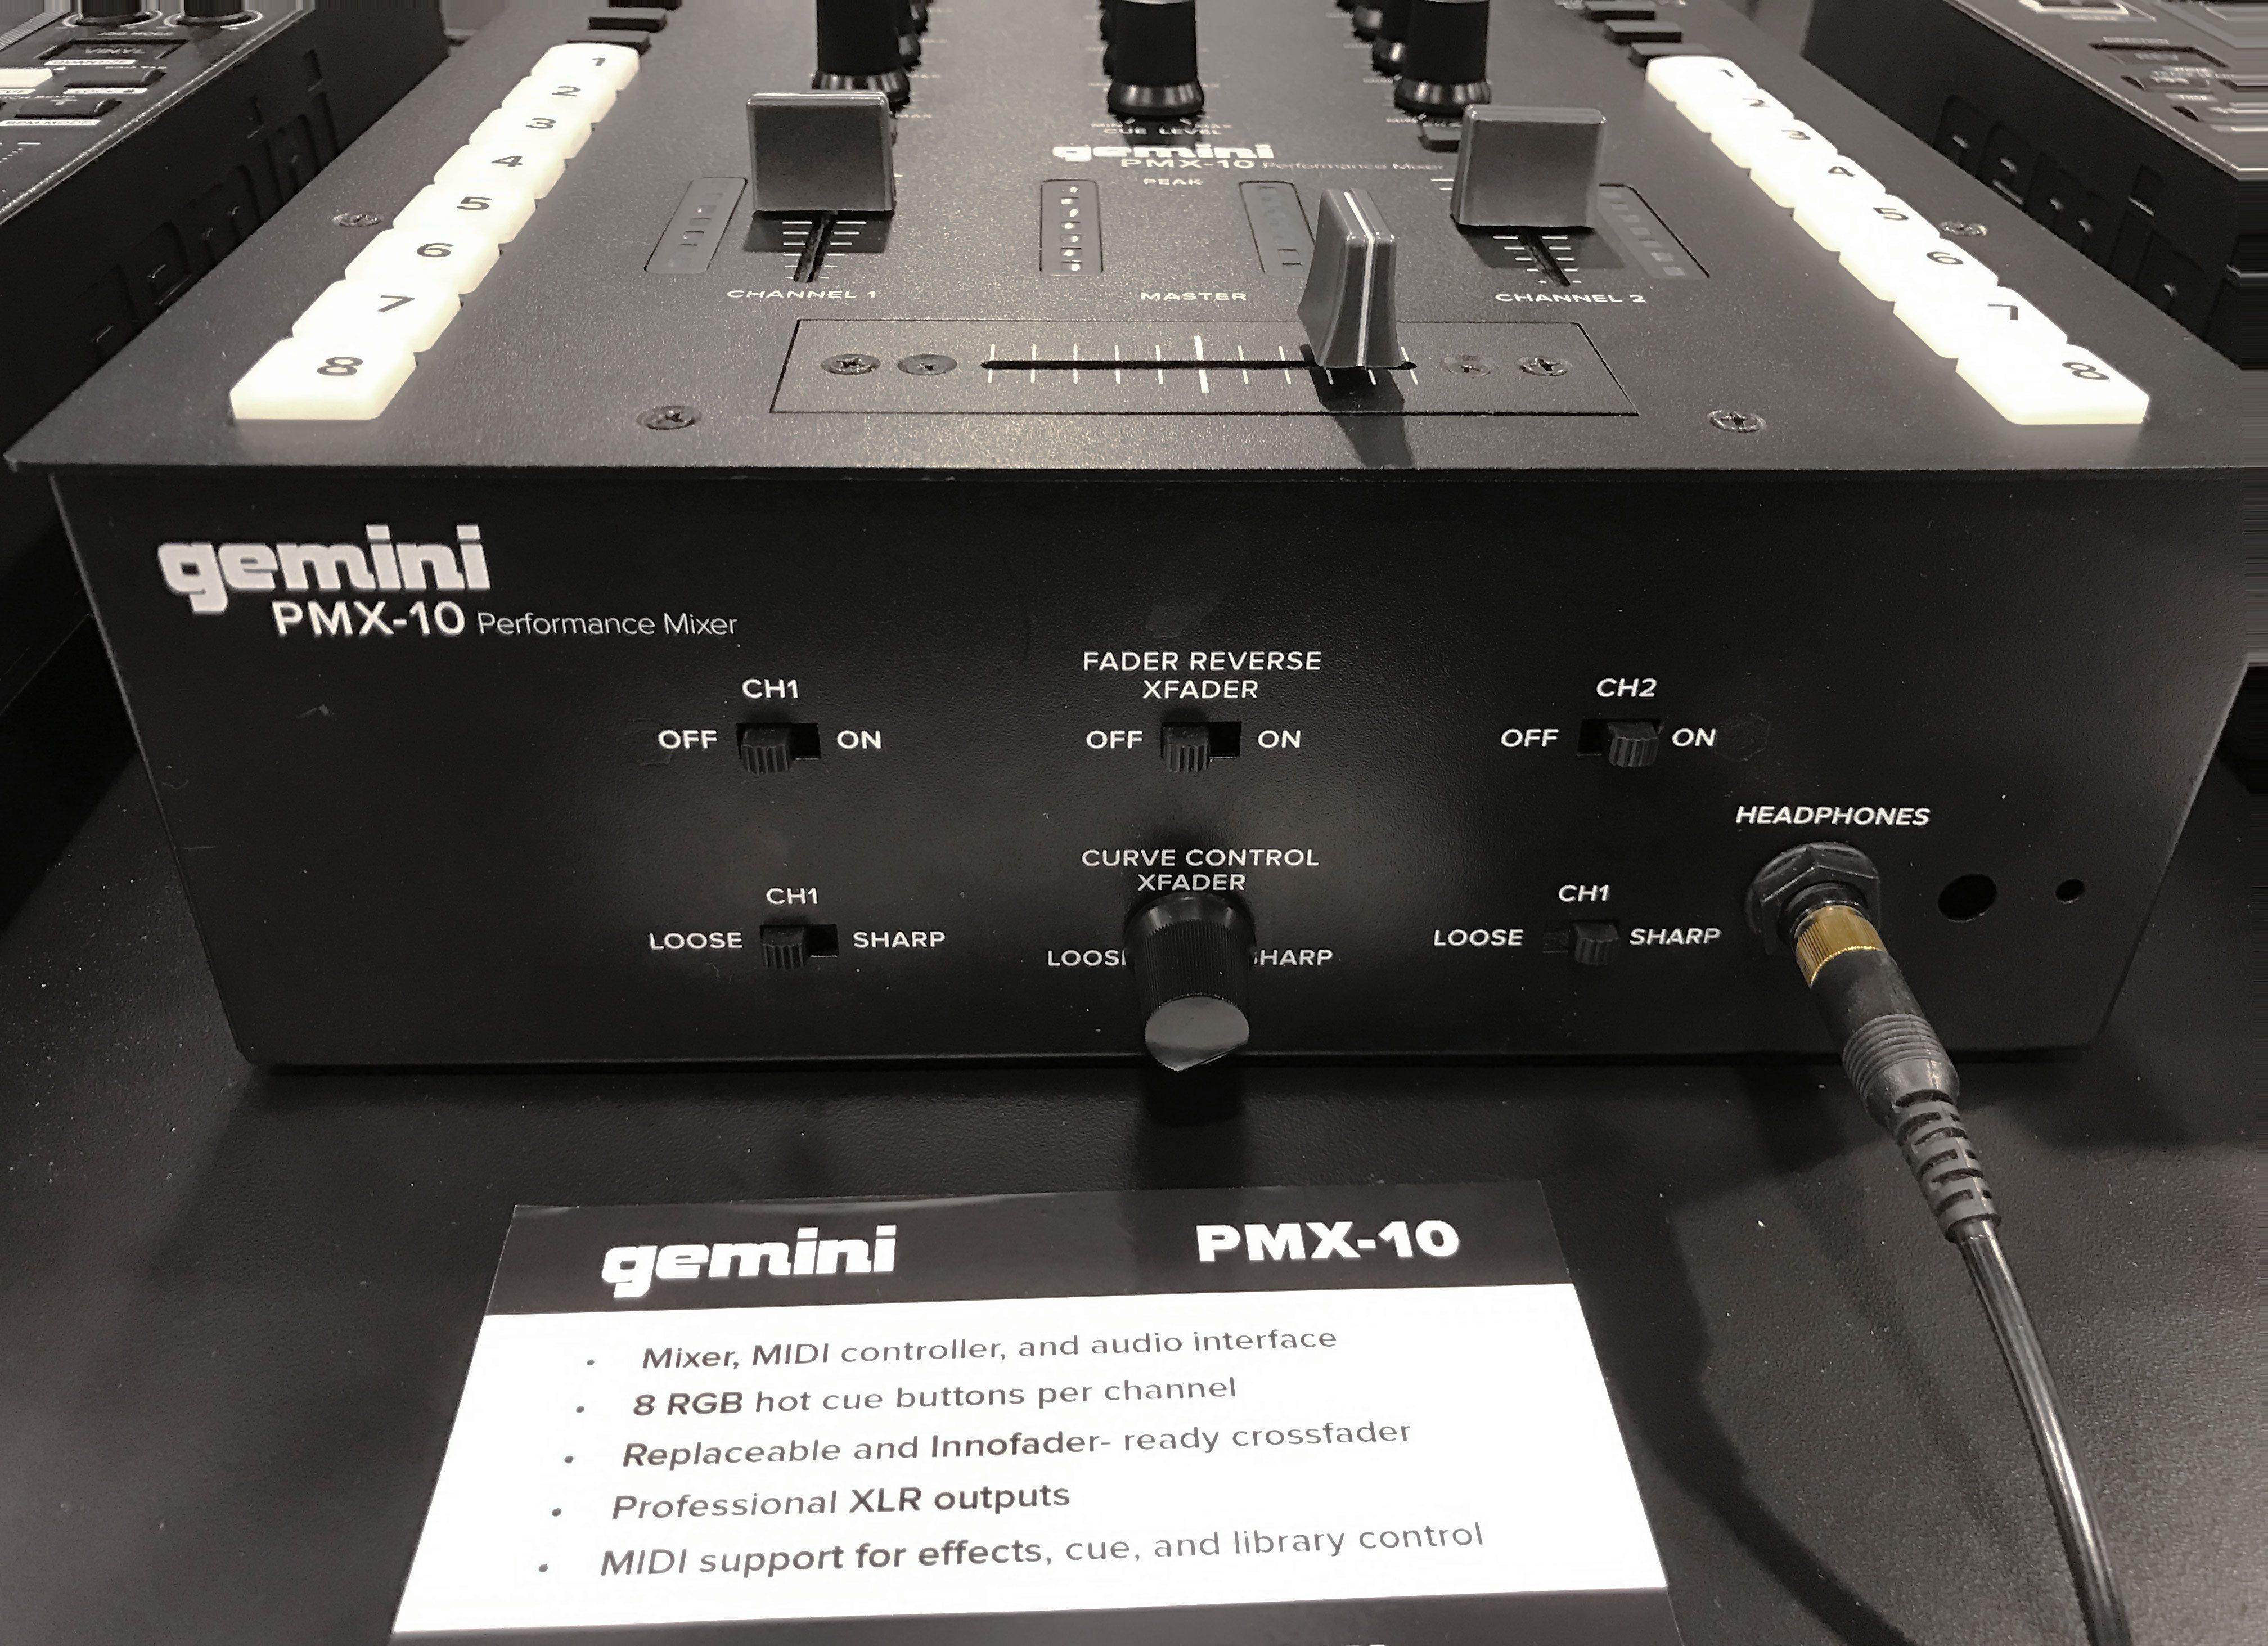 Gemini-PMX-10-mixer